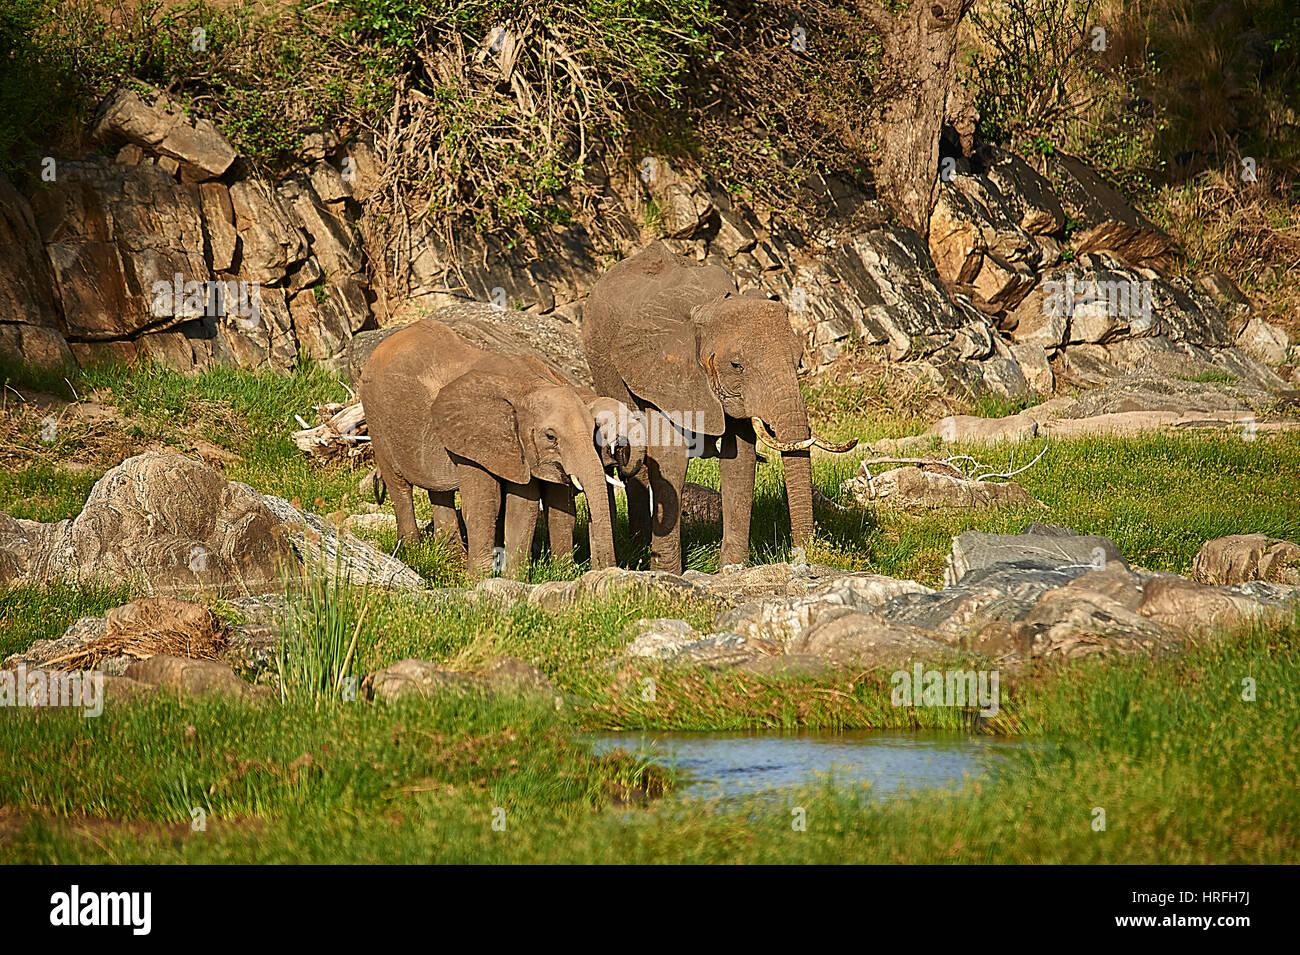 Elephants drinking at Tarangire River, Tanzania - Stock Image